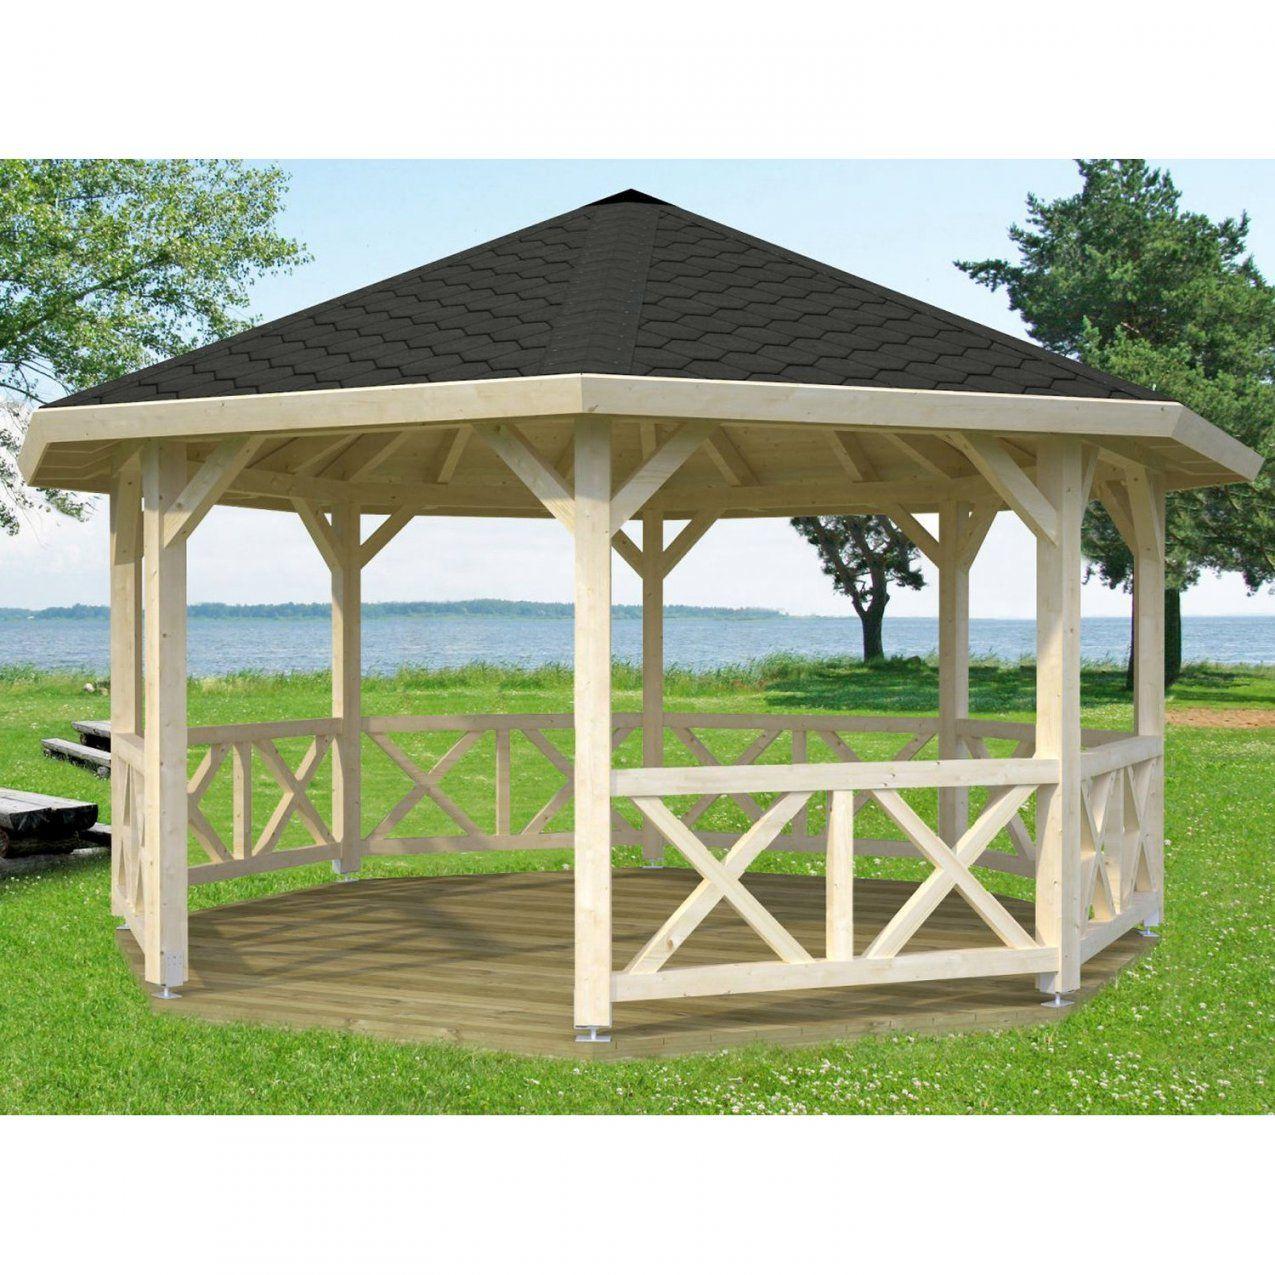 Gartenlauben & Holzpavillons Online Kaufen Bei Obi von Pavillon 8 Eckig Holz Bauanleitung Bild